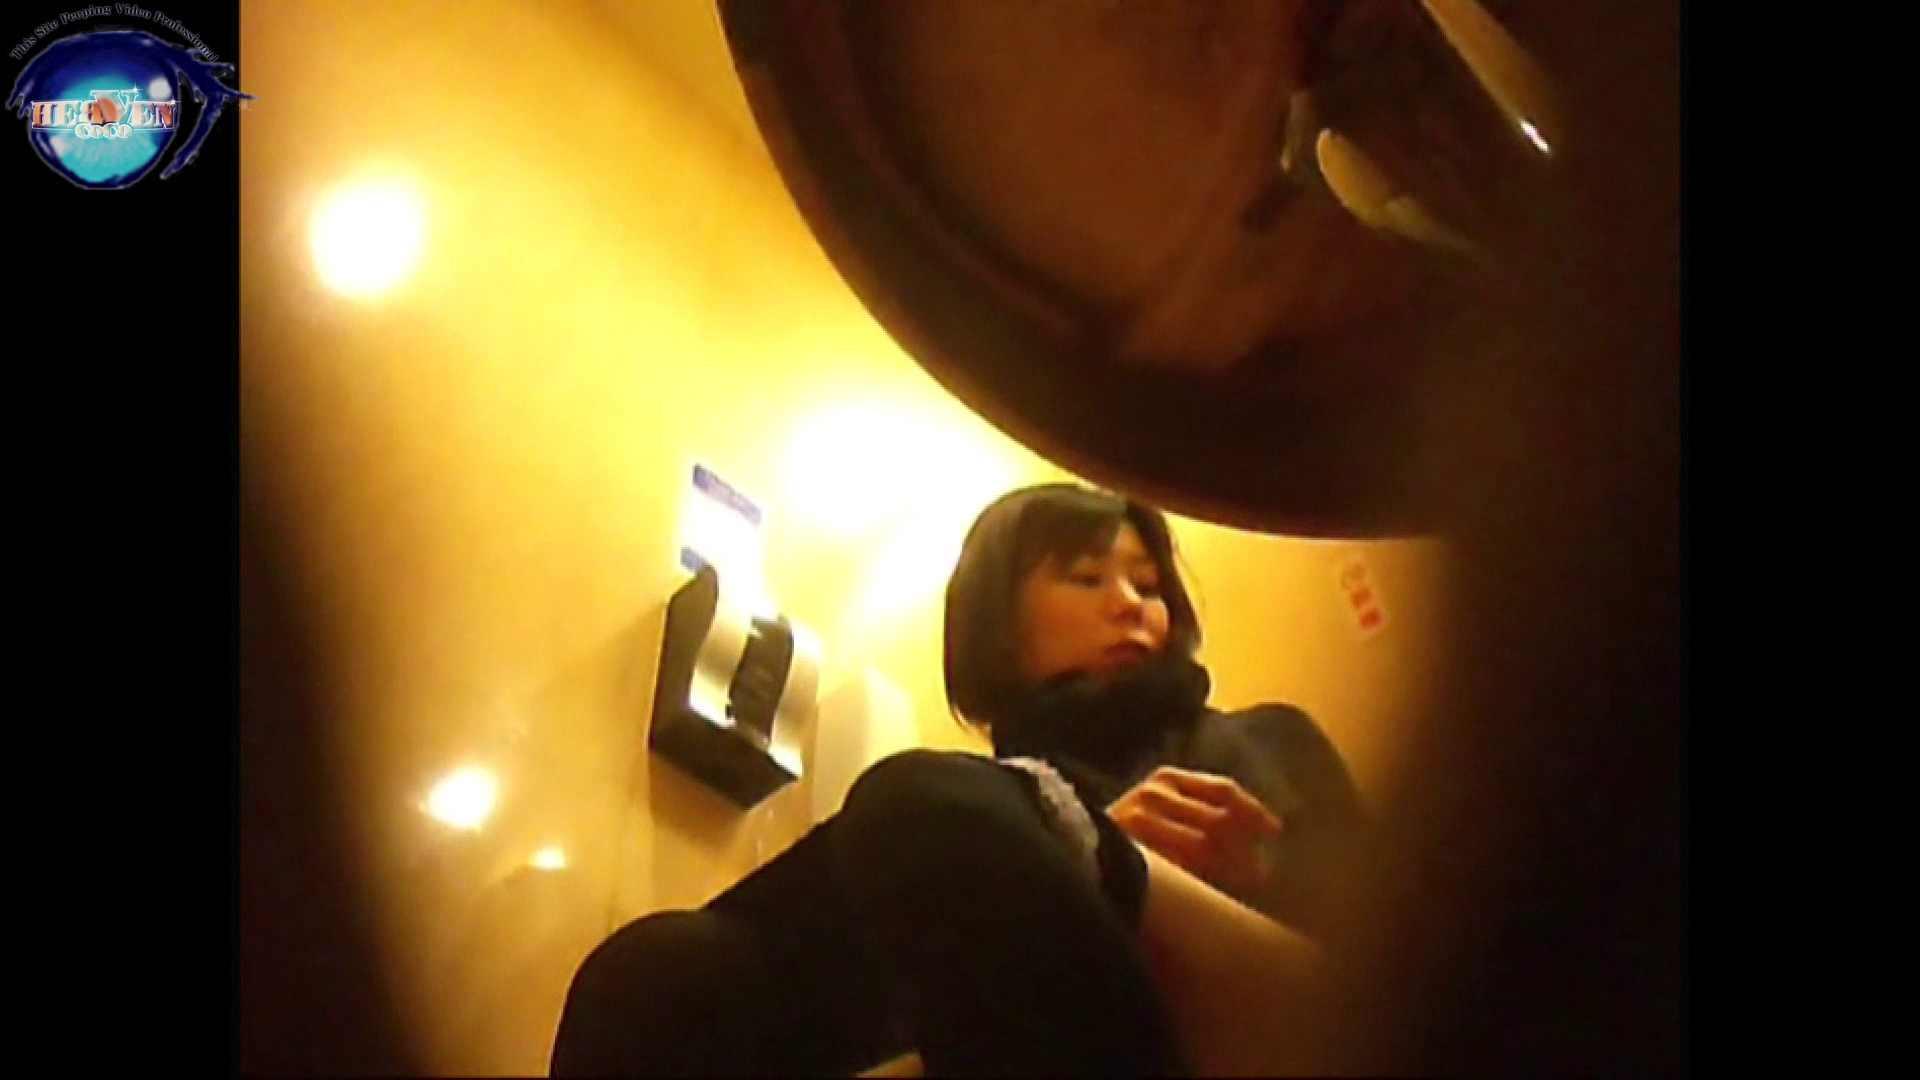 突撃!女子化粧室の真実vol.22 後編 女体盗撮 盗撮AV動画キャプチャ 47連発 23